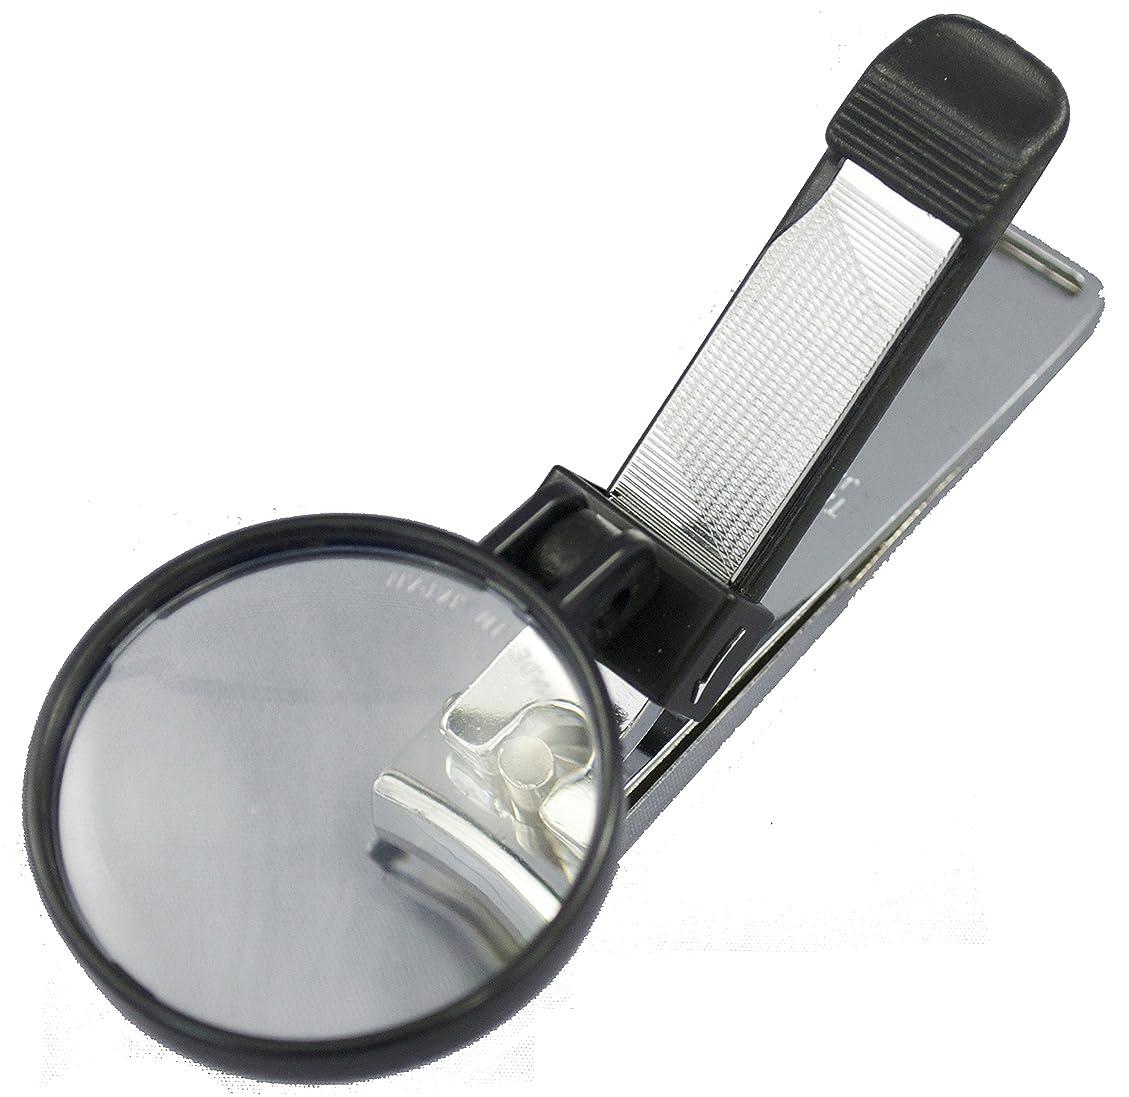 前述のより良いほうき日本製 拡大レンズ付 爪切り 足爪くん mir 1500L